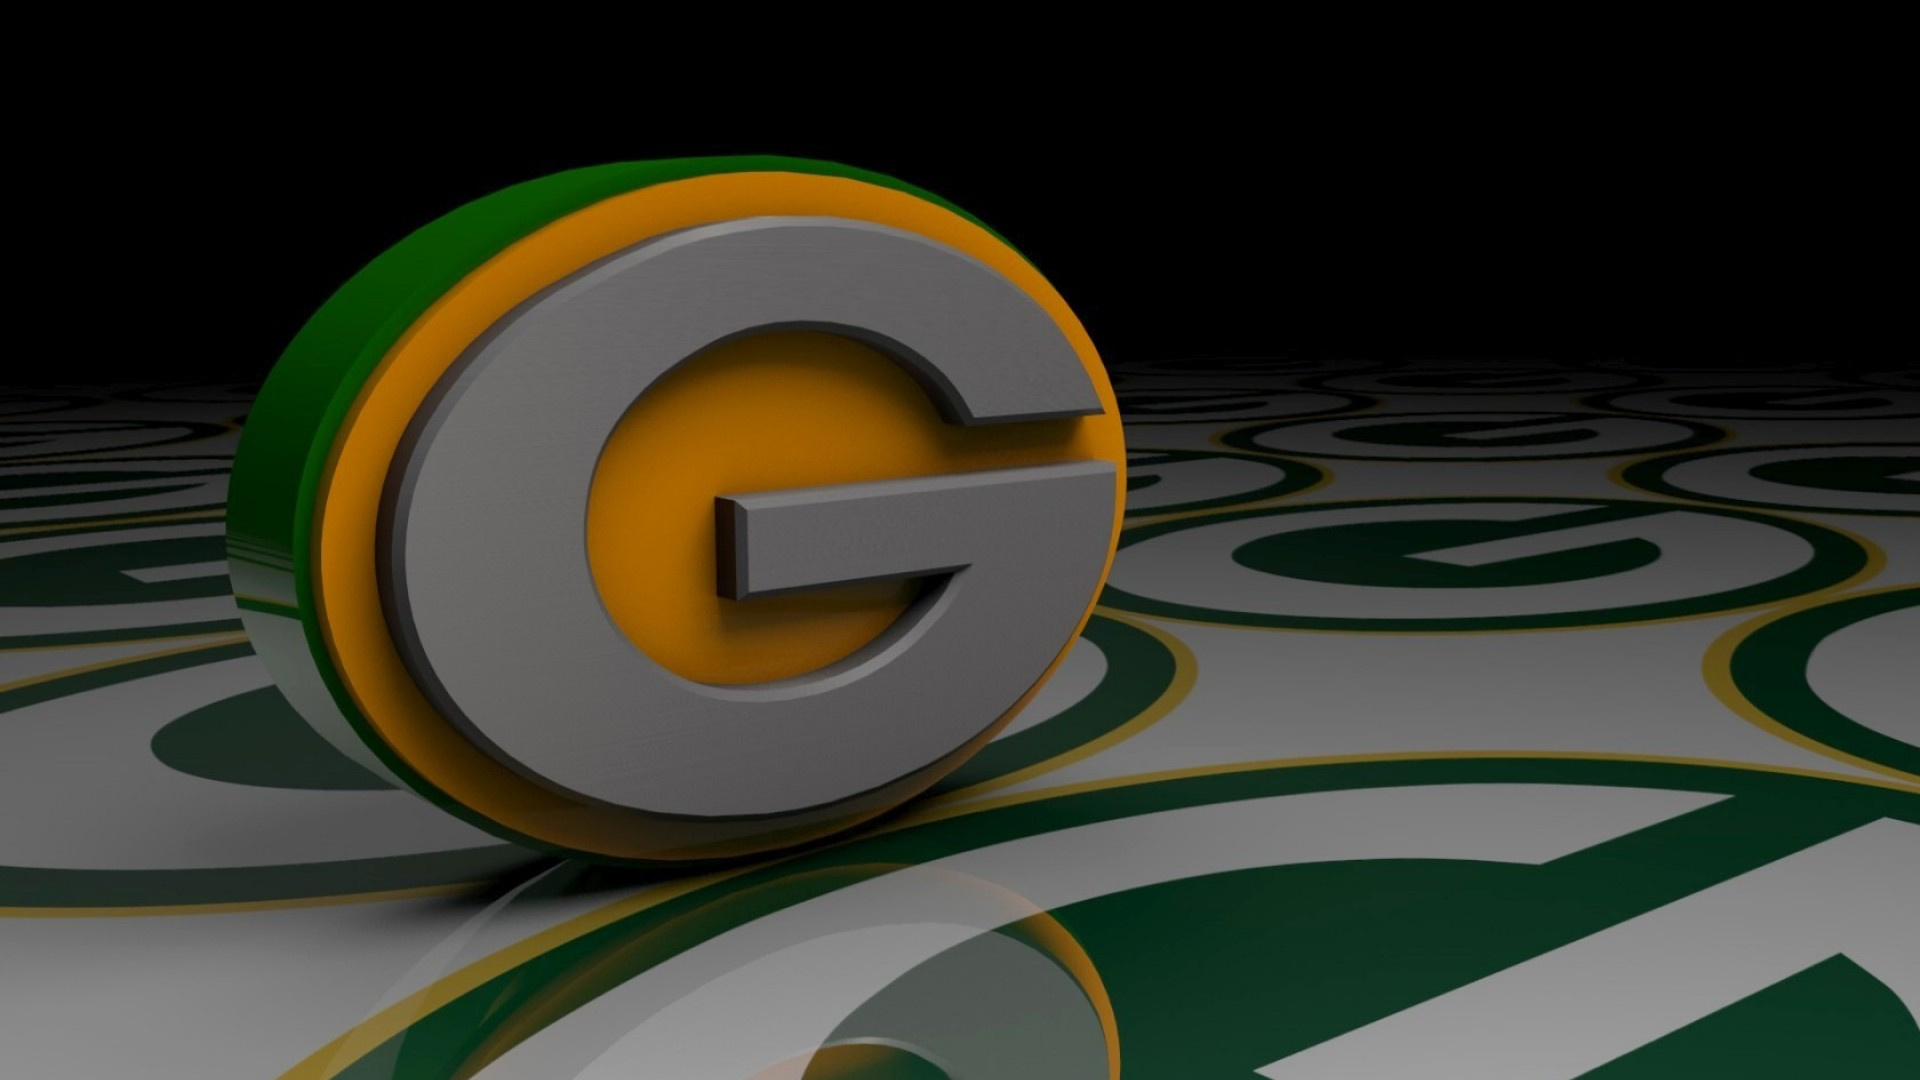 Packers Wallpaper Green Bay Packer Desktop Backgrounds 2111120